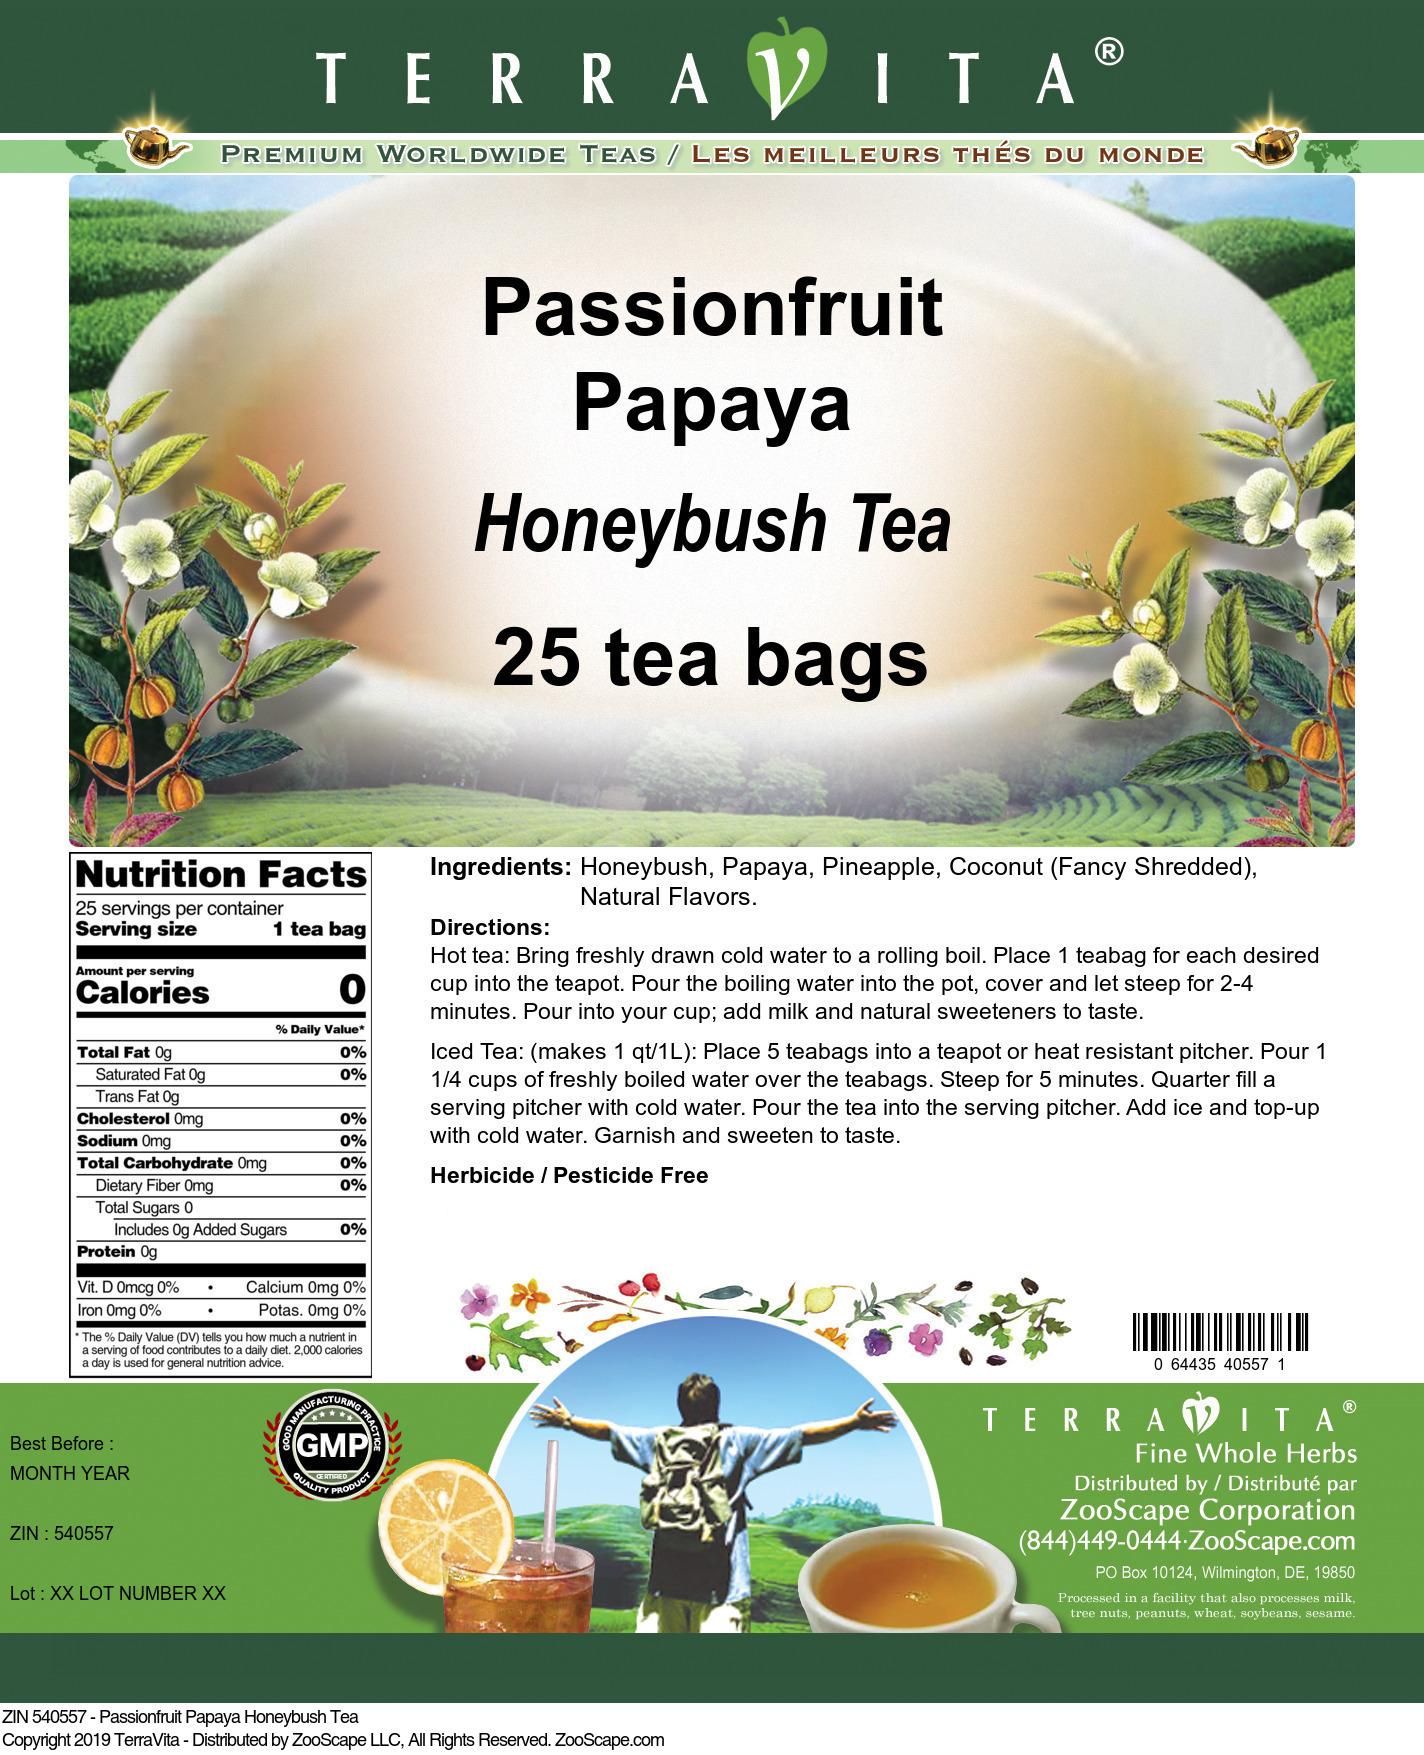 Passionfruit Papaya Honeybush Tea